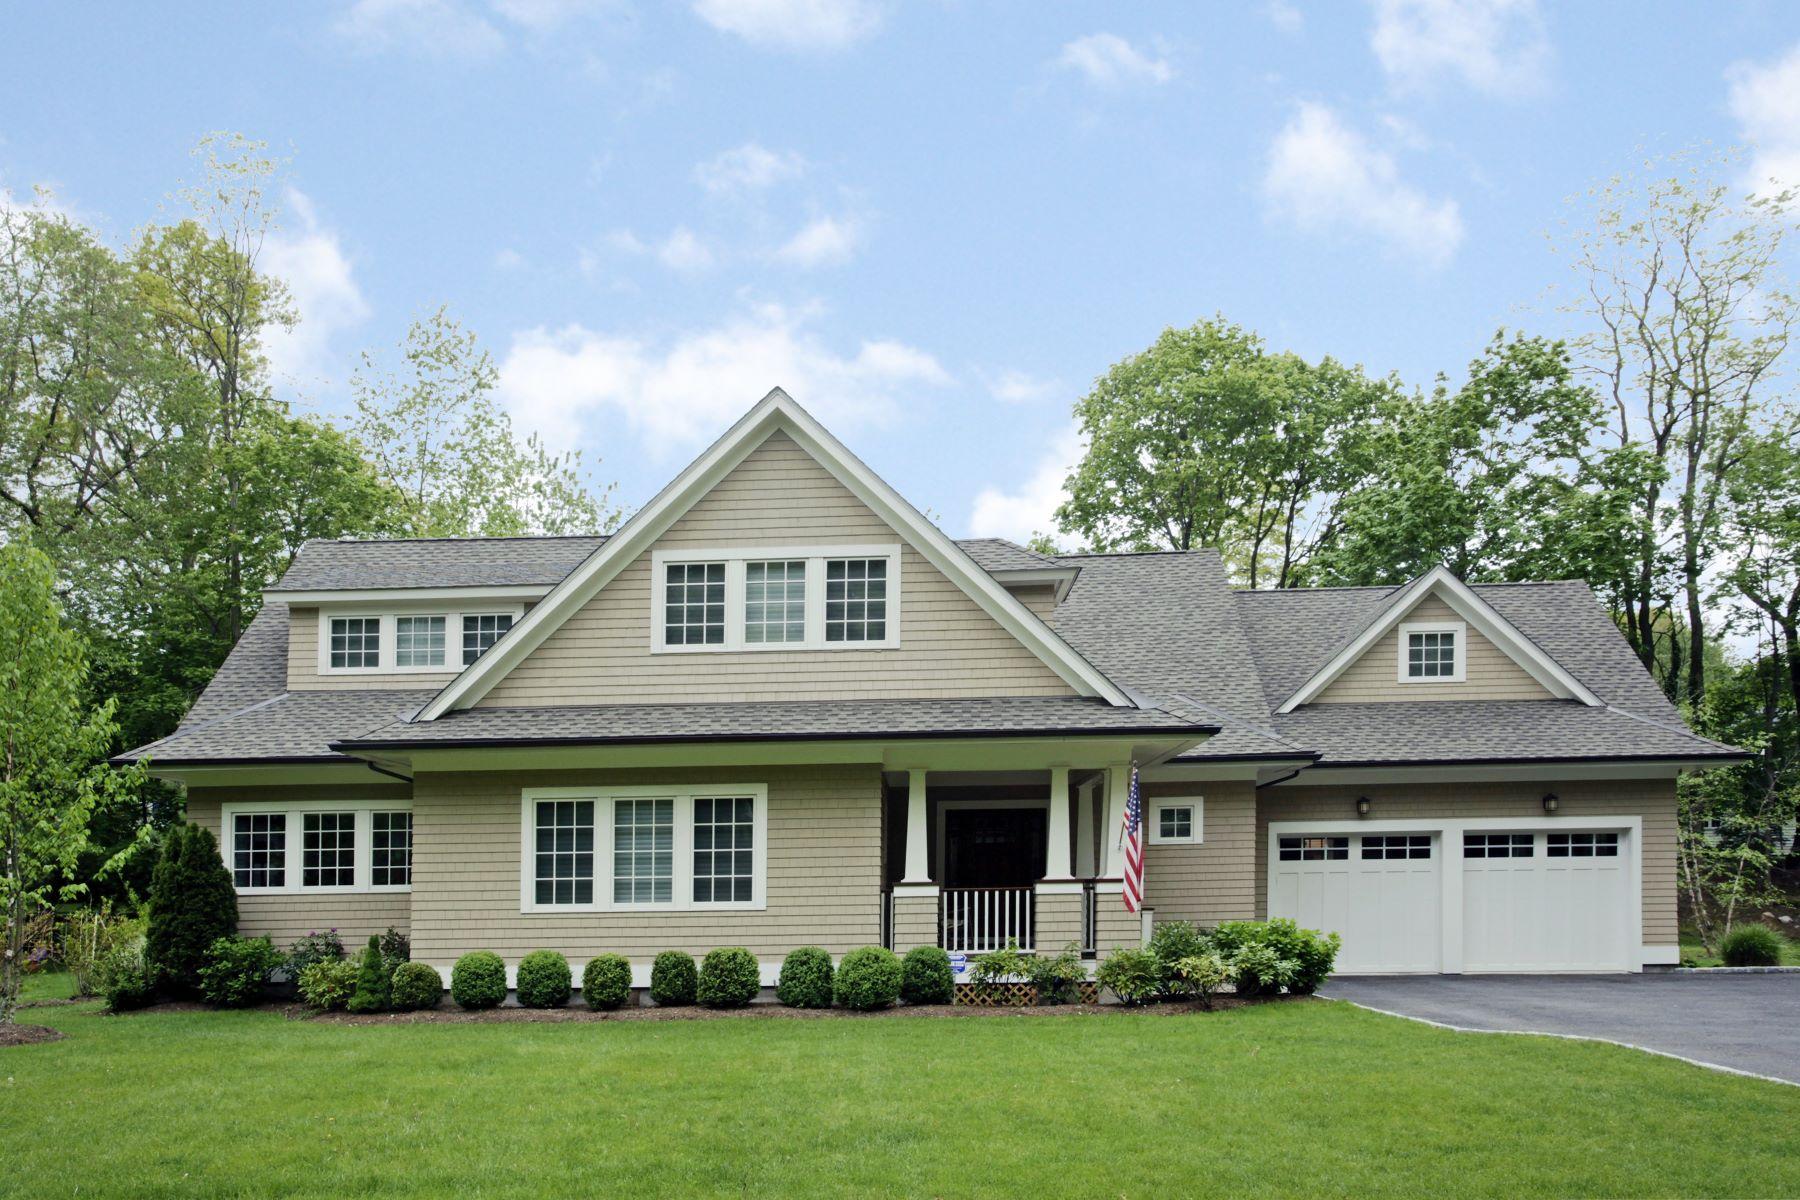 独户住宅 为 出租 在 8 Shawnee Trail 哈里森, 纽约州 10528 美国